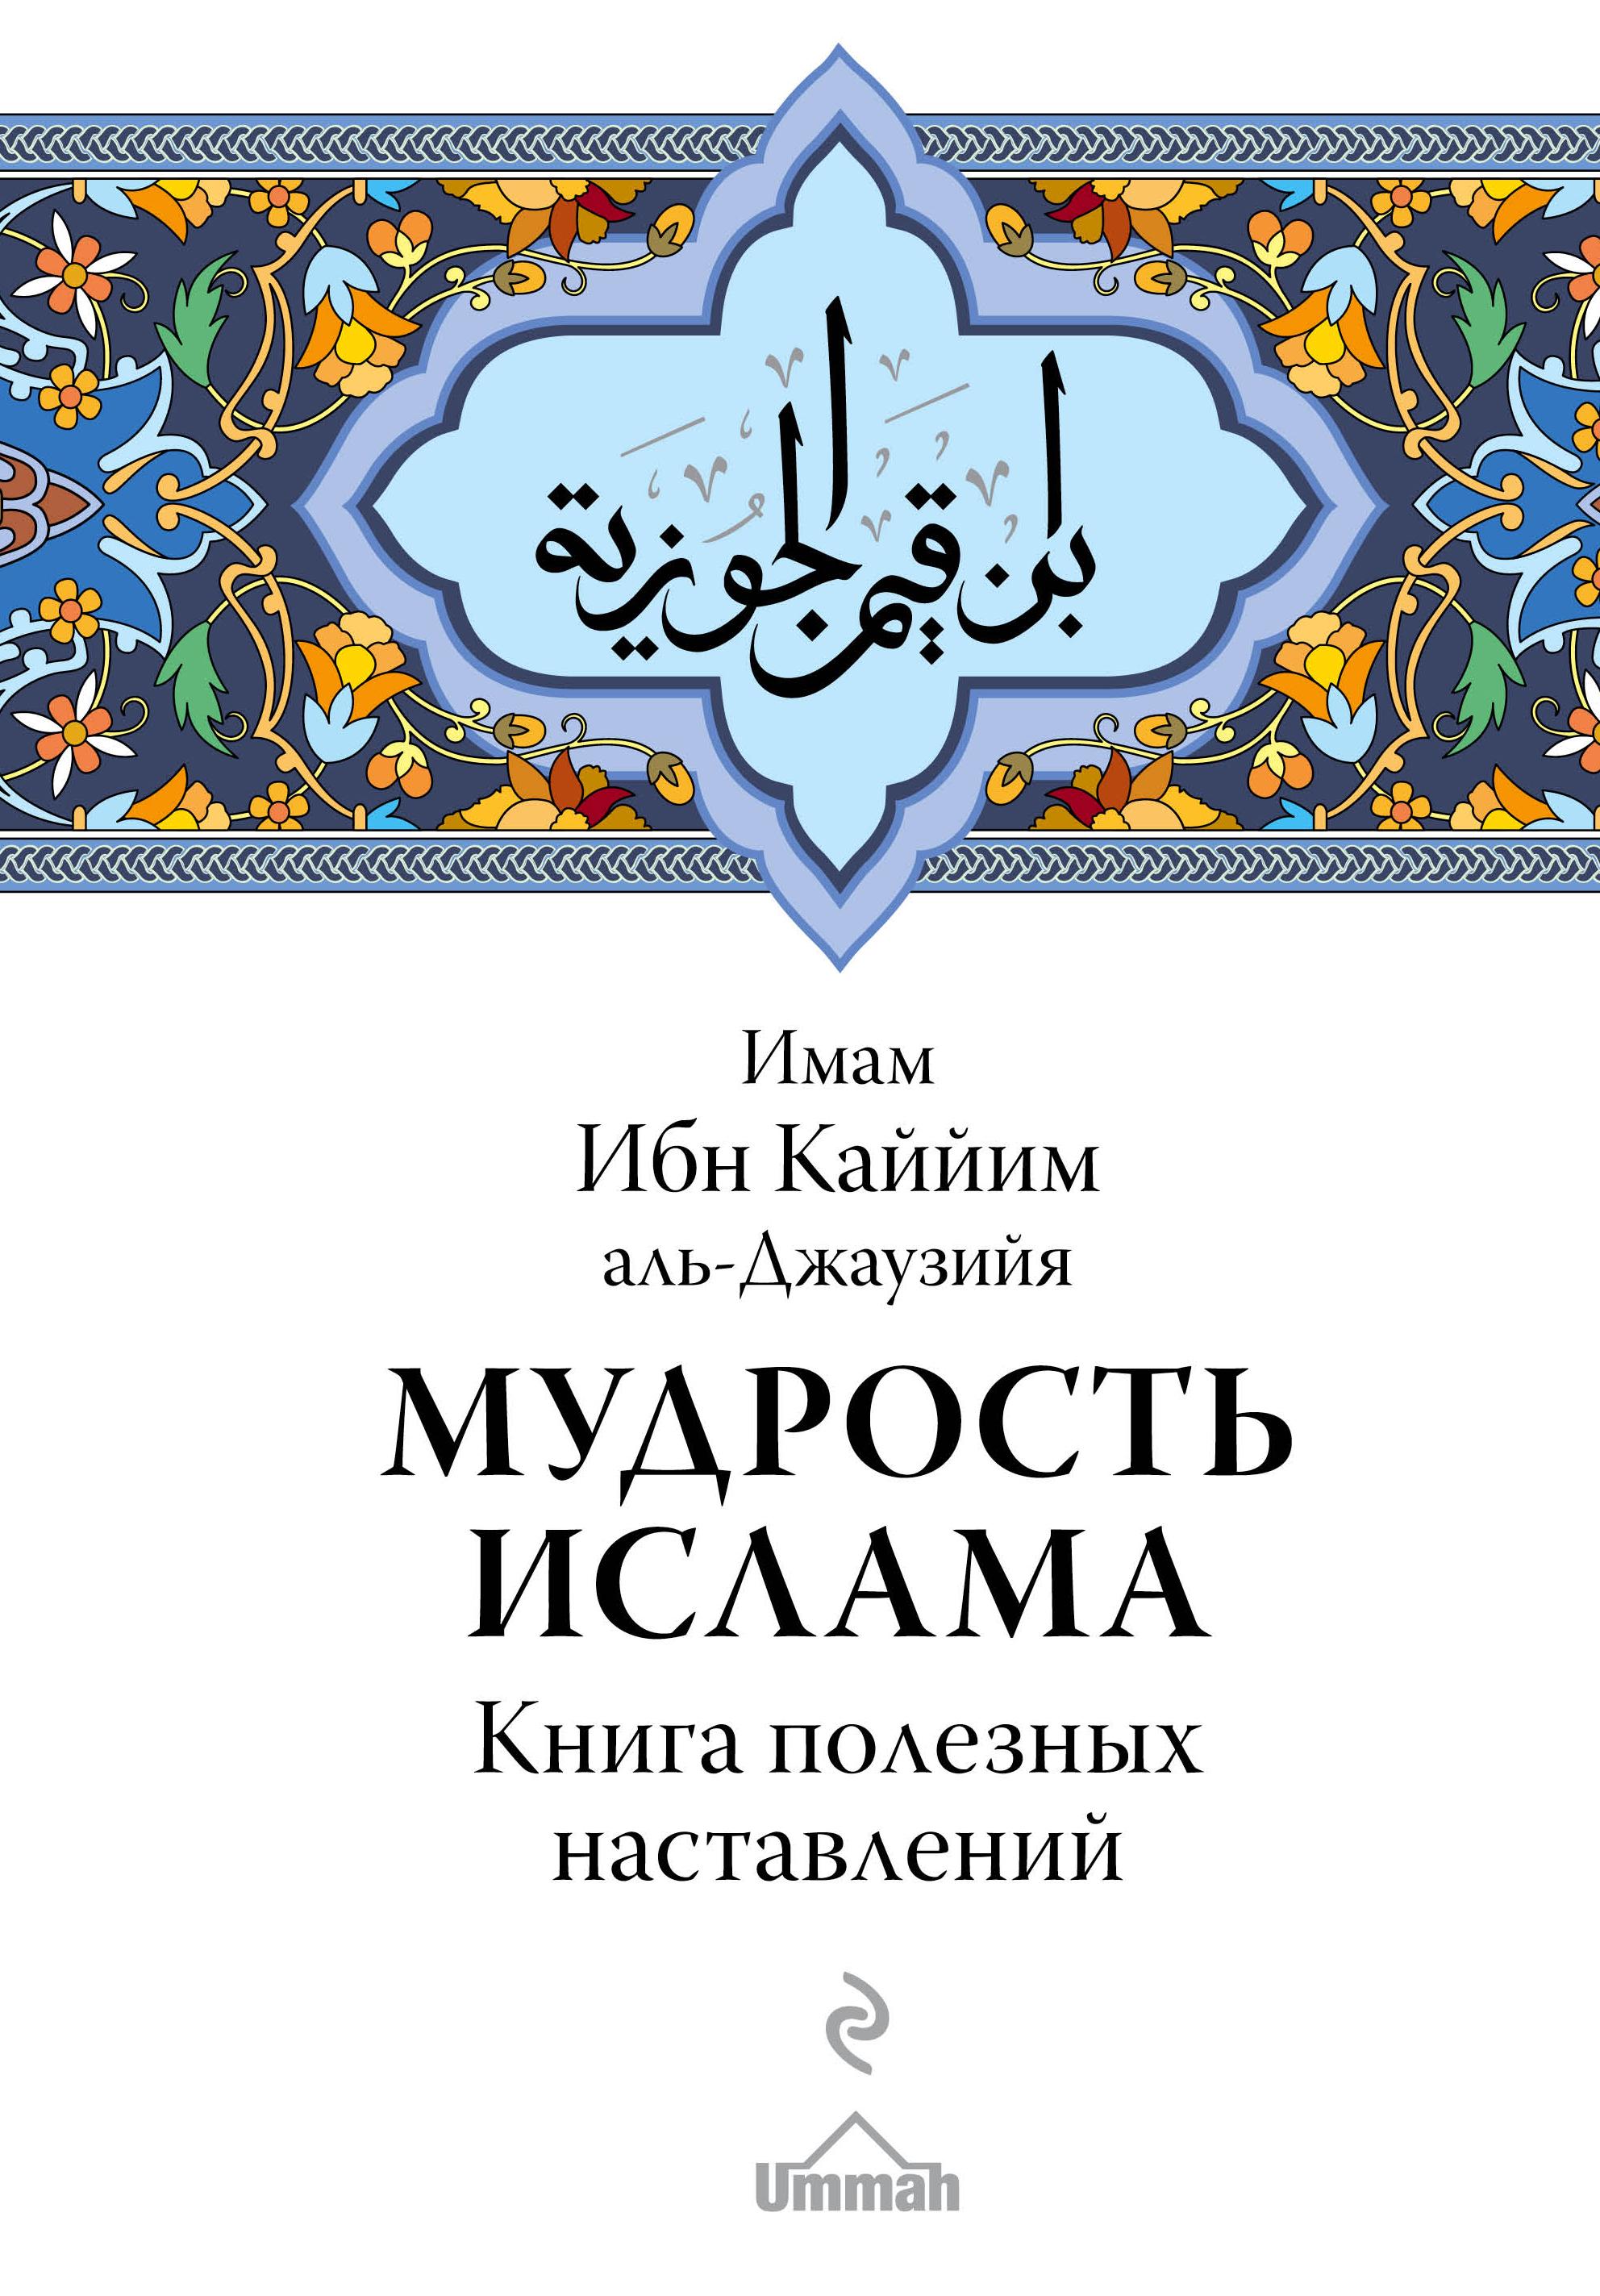 Имам Ибн Каййим аль-Джаузийя Мудрость ислама. Книга полезных наставлений